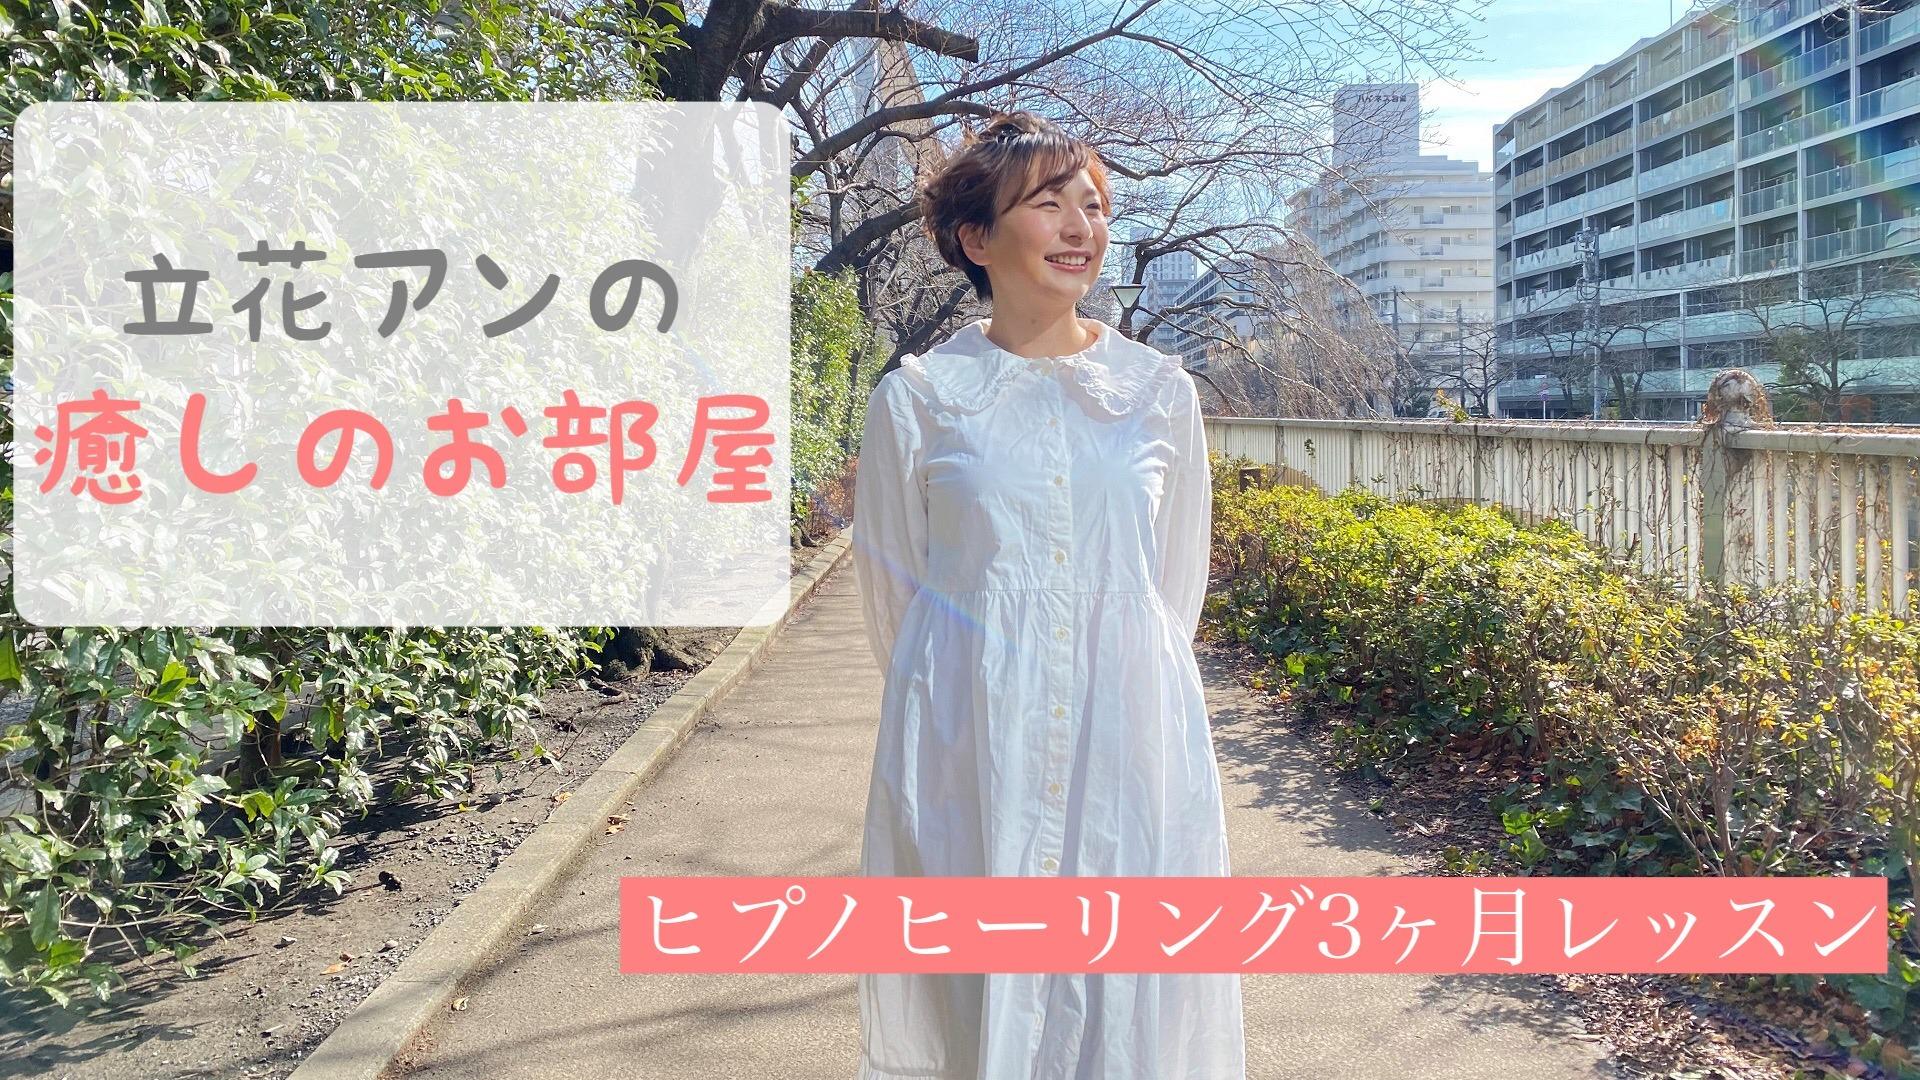 立花アンの癒しのお部屋【ヒプノヒーリング3ヶ月レッスン】